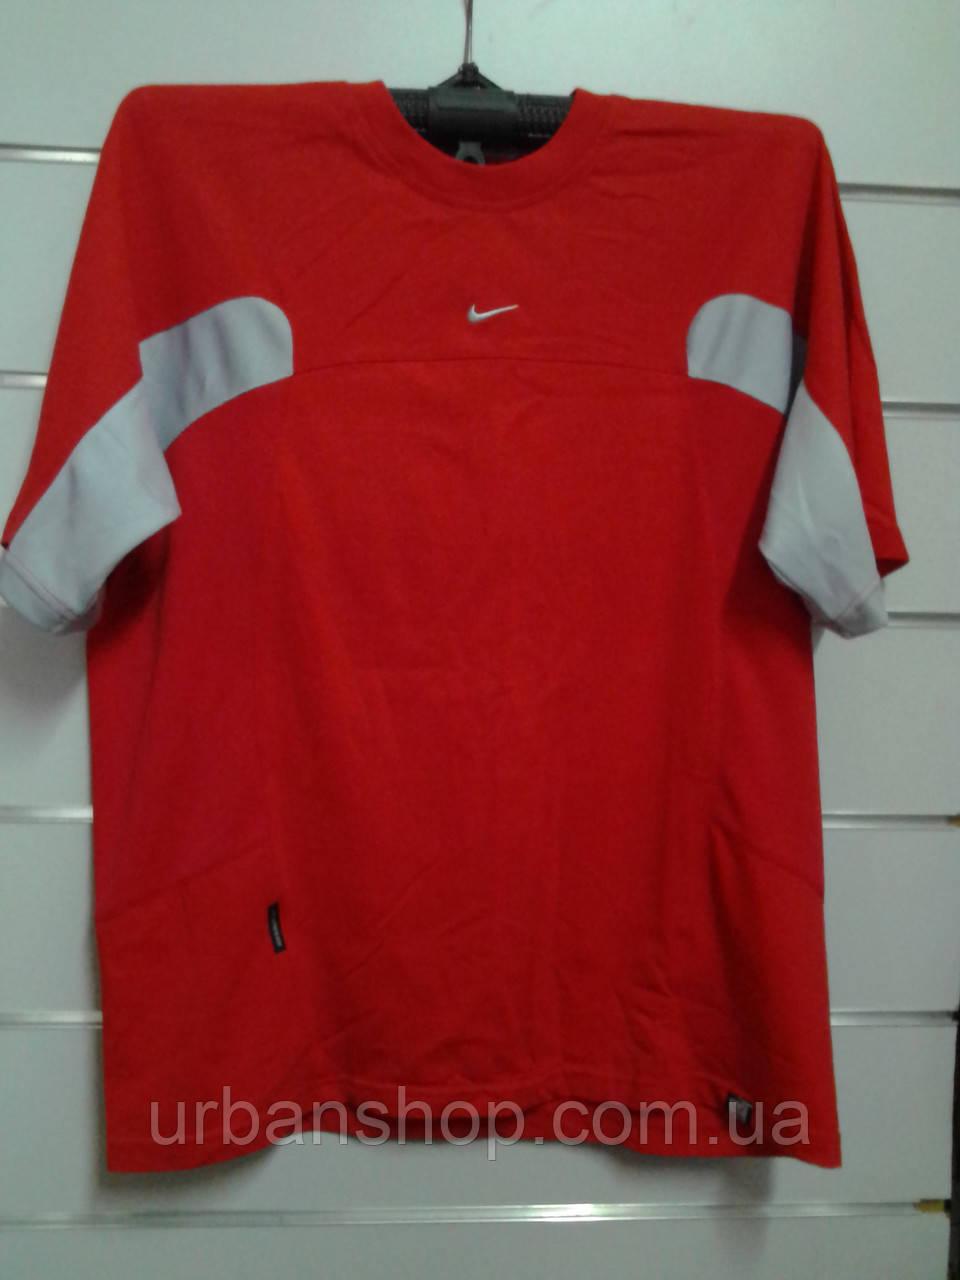 Футболка Nike Red/Grey. Увага! Щоб ЗАМОВИТИ писати на Viber +380954029358